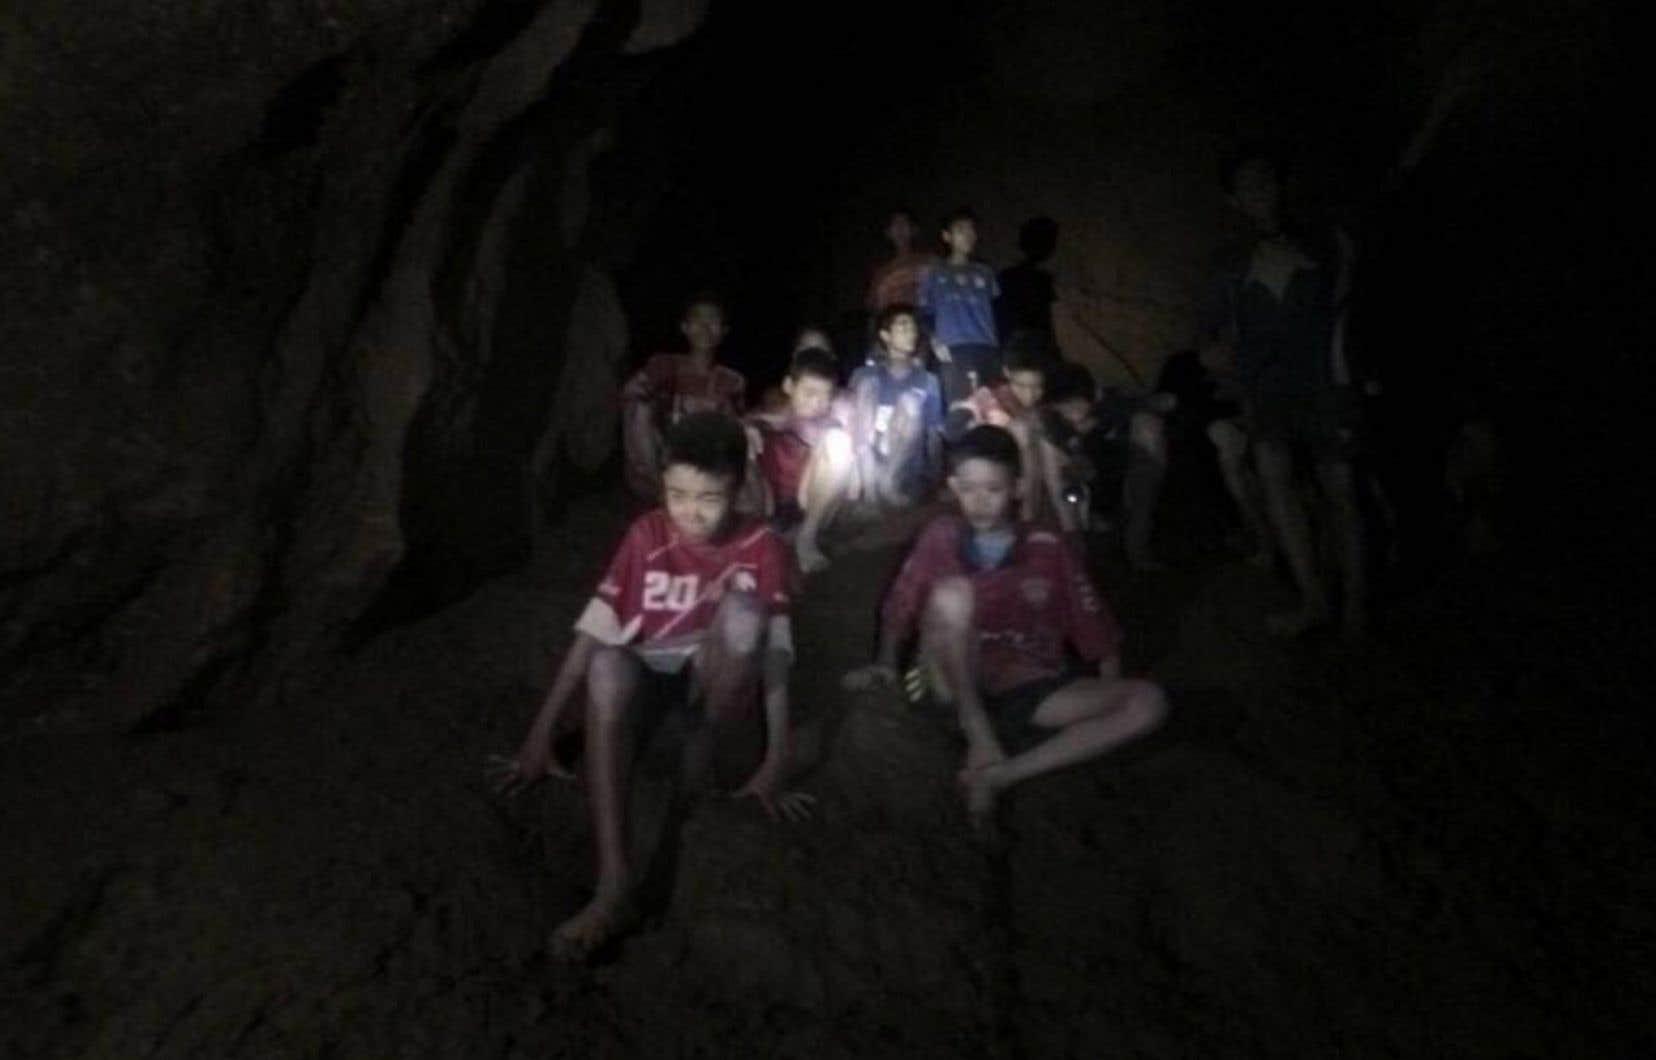 Les enfants, âgés de 11 à 16 ans, ont été découverts tard lundi avec leur entraîneur de 25 ans par des plongeurs britanniques, émaciés, mais «sains et saufs», à plus de 4 km à l'intérieur de la galerie.